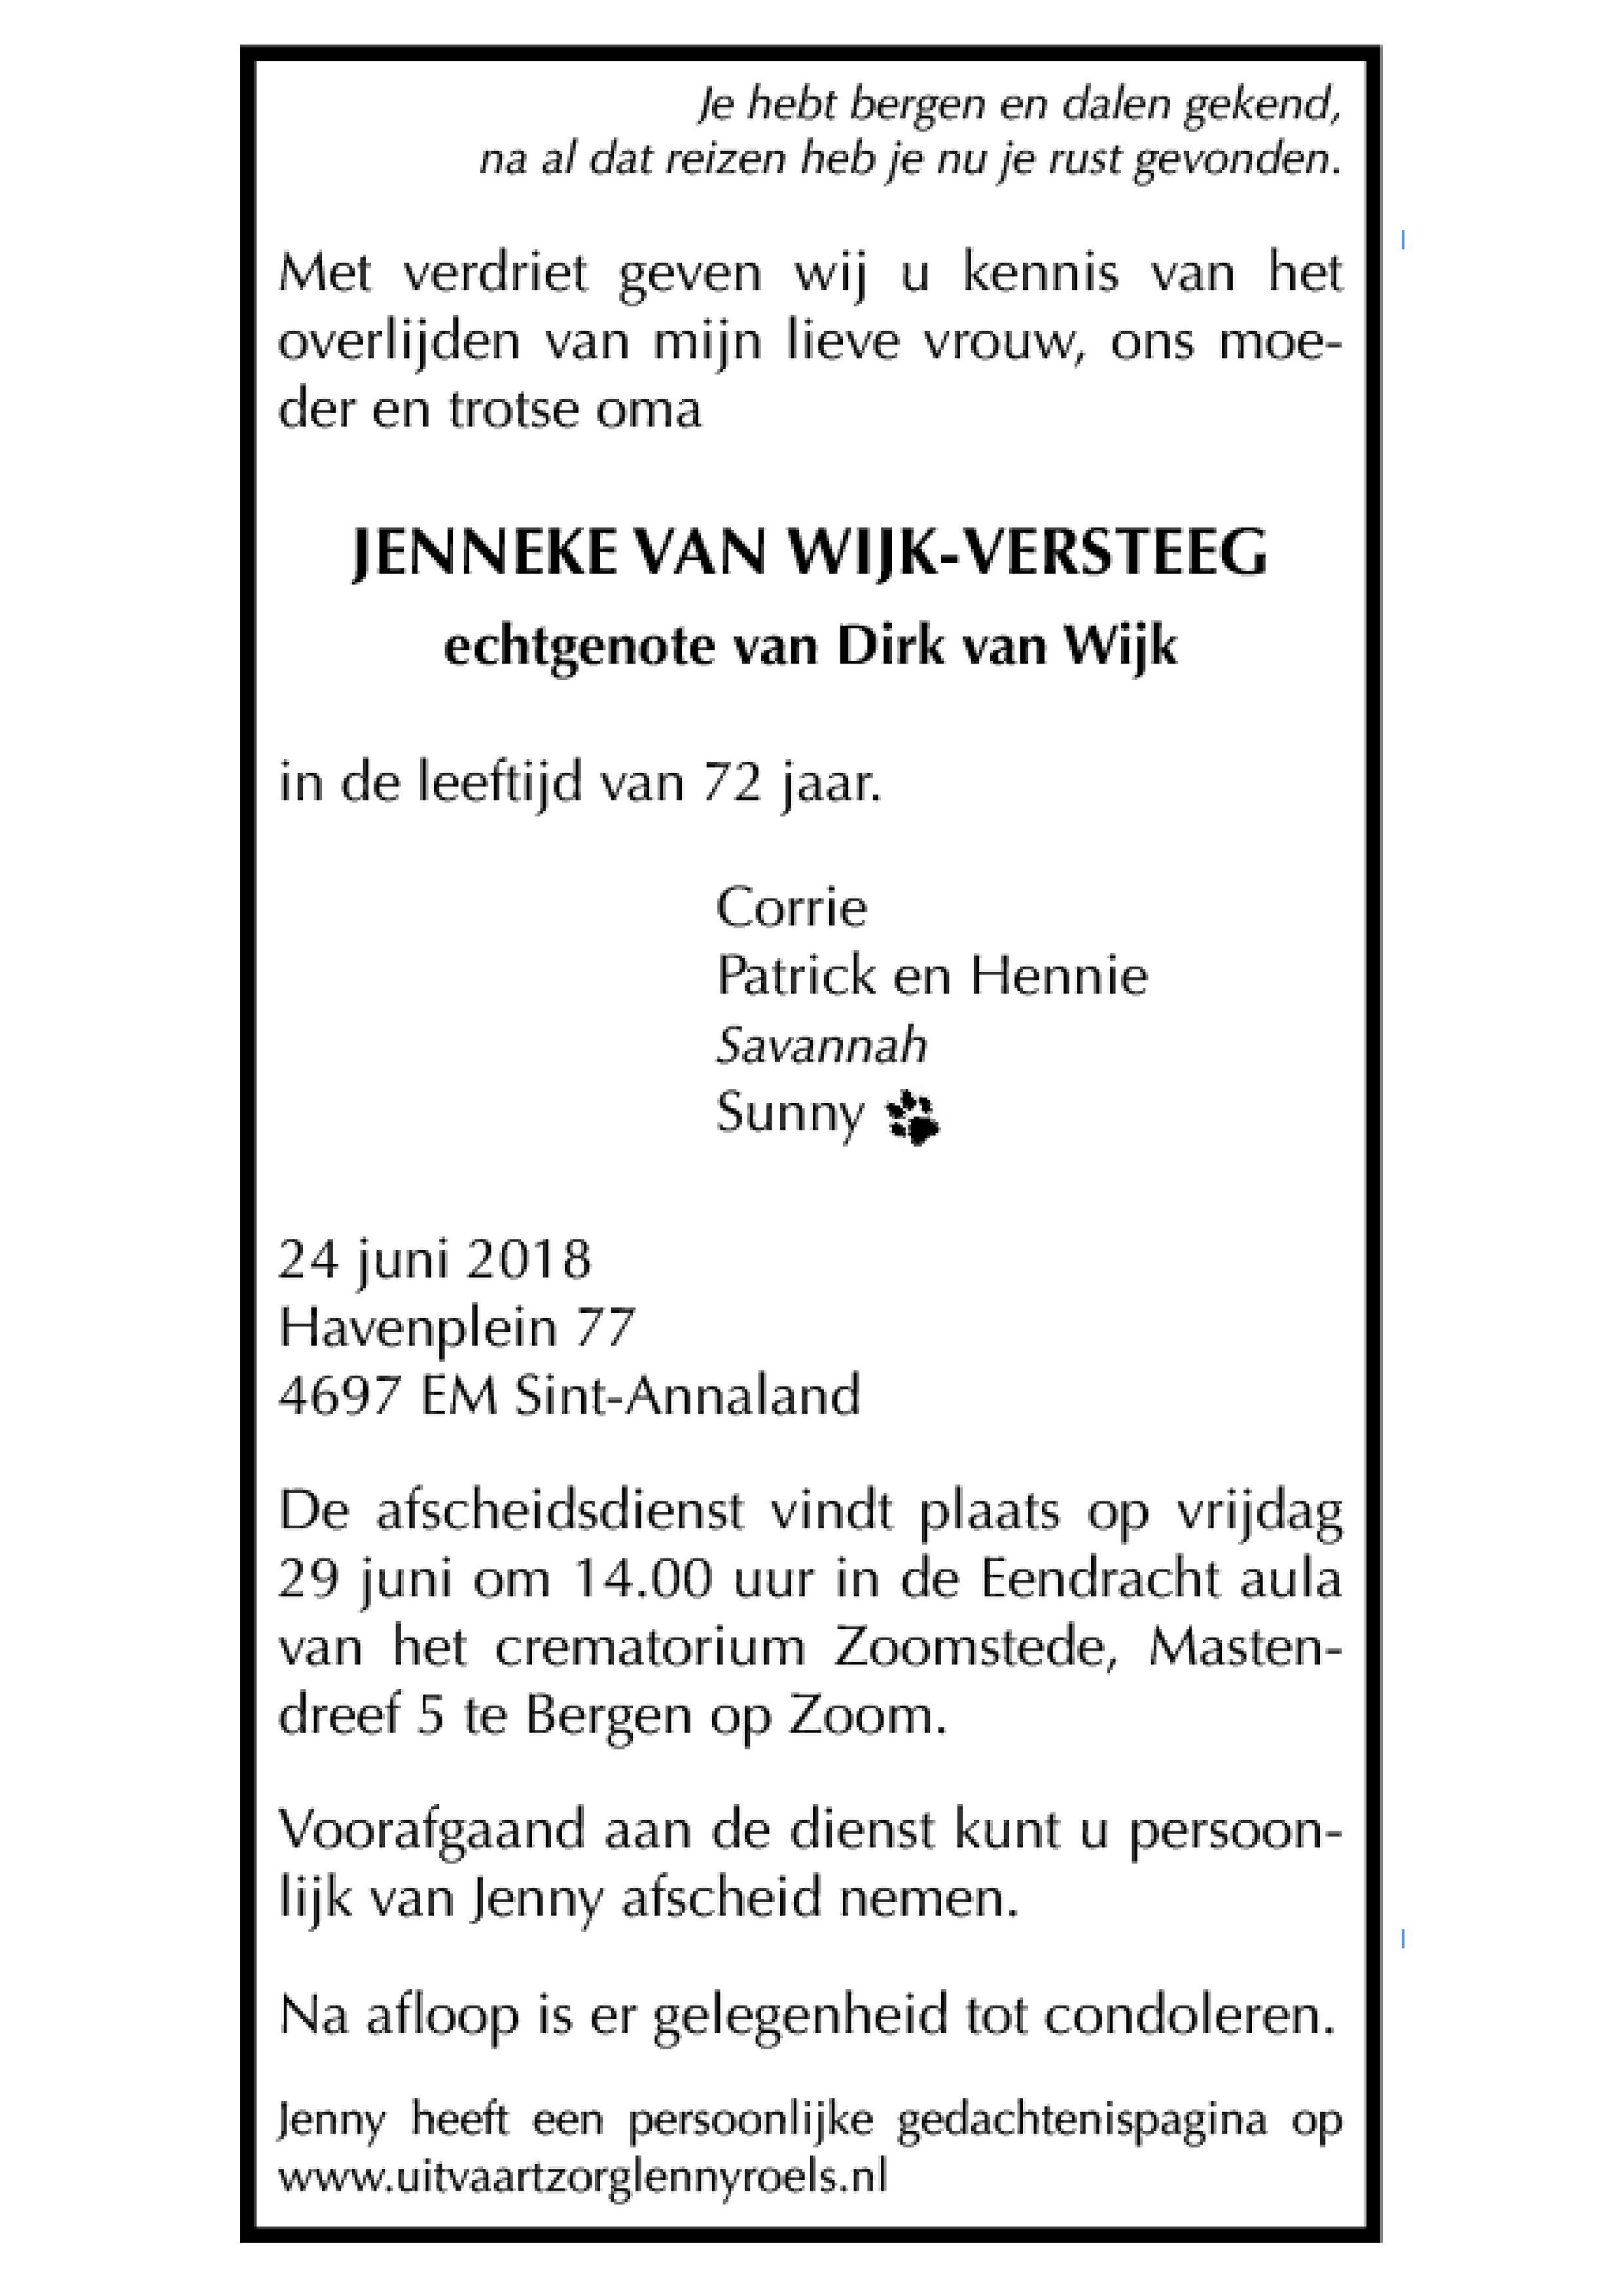 Jenny van Wijk-Versteeg Death notice